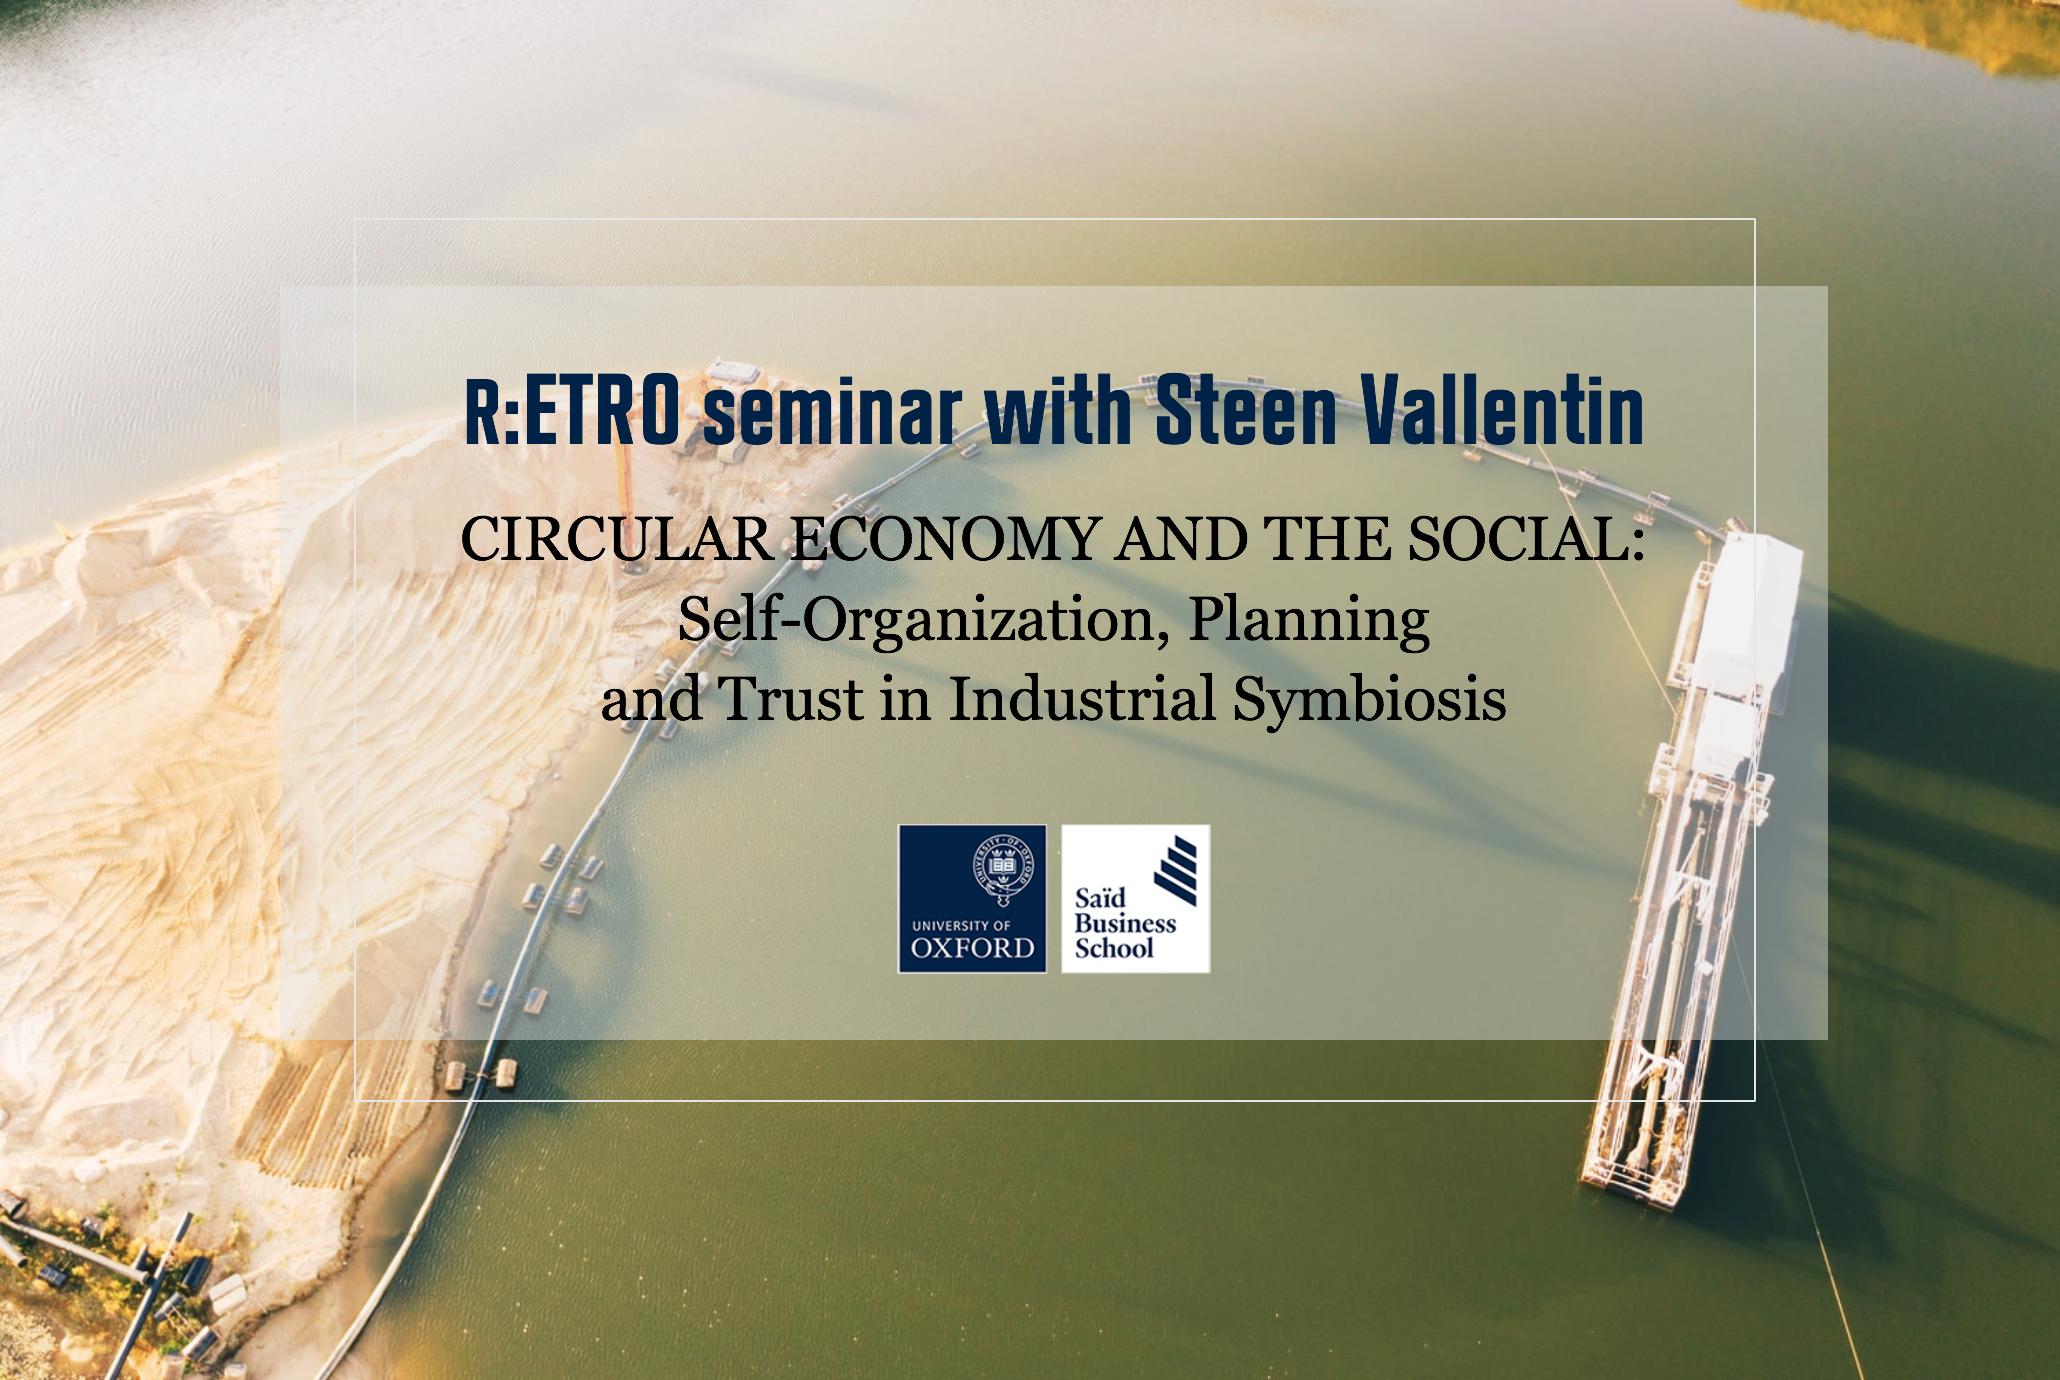 R:ETRO Seminar with Steen Vallentin